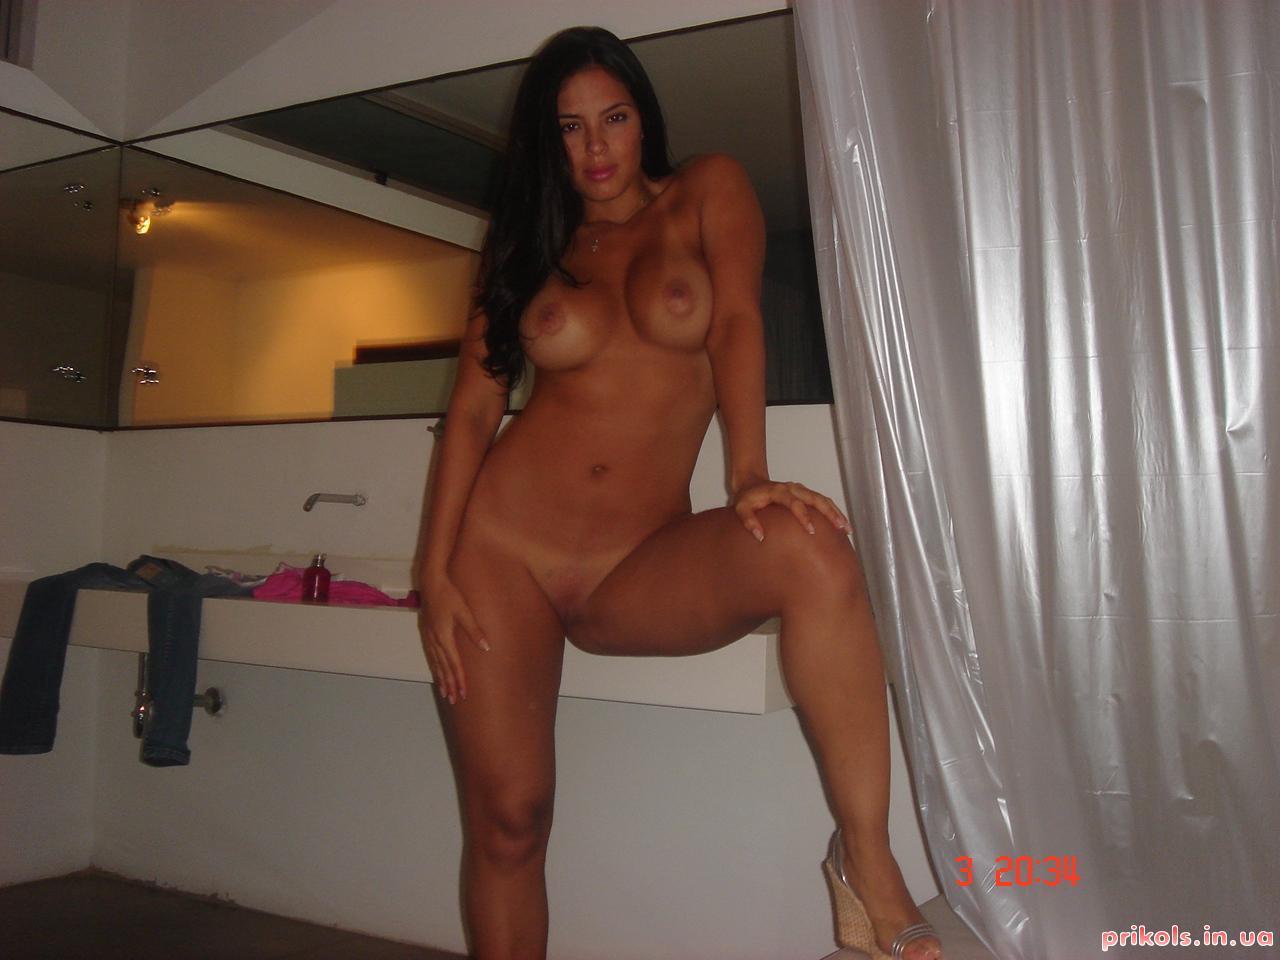 Частное порно фото бразильянки 29 фотография